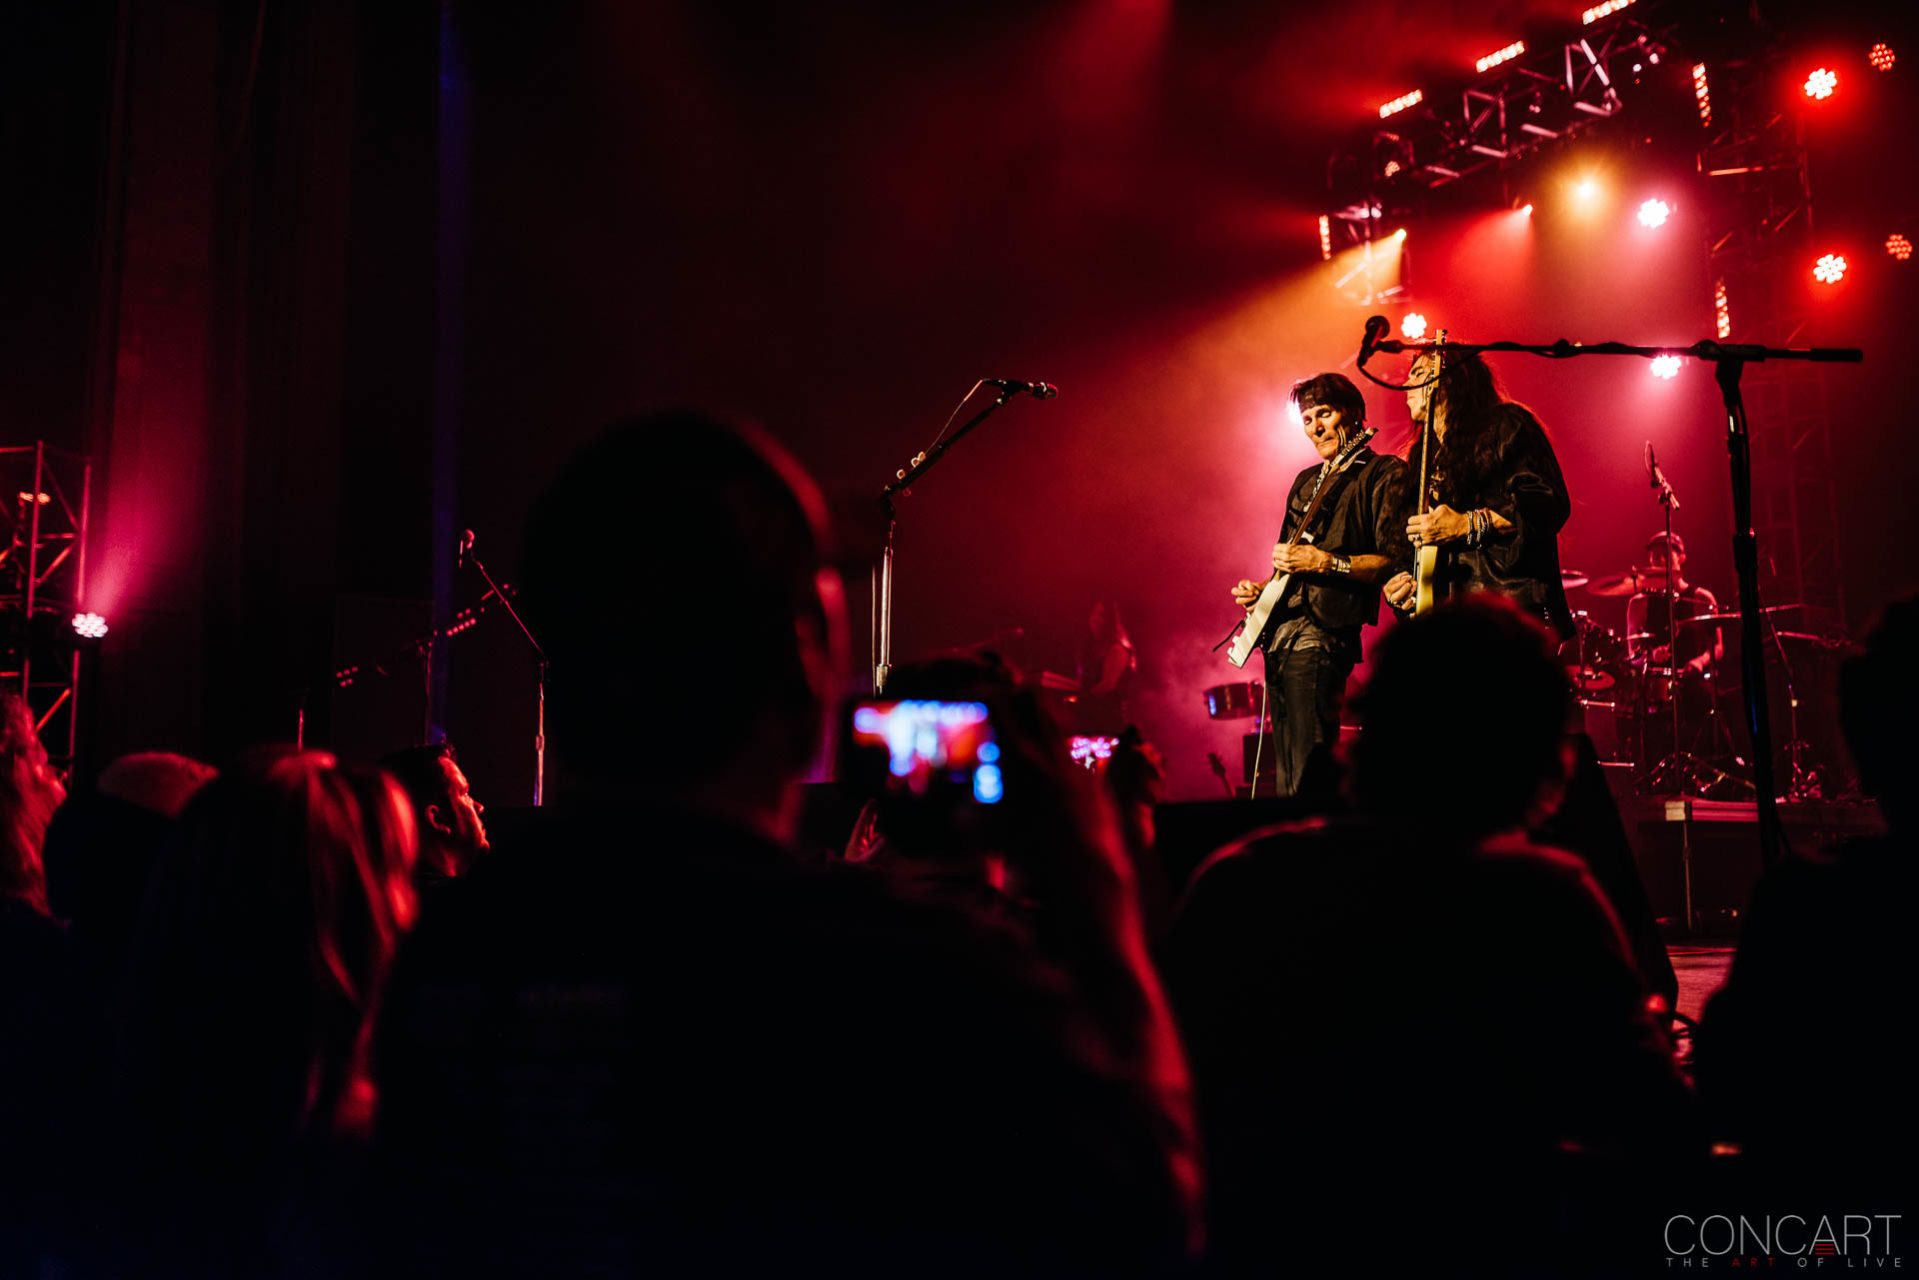 Steve Vai photo by Sean Molin 4